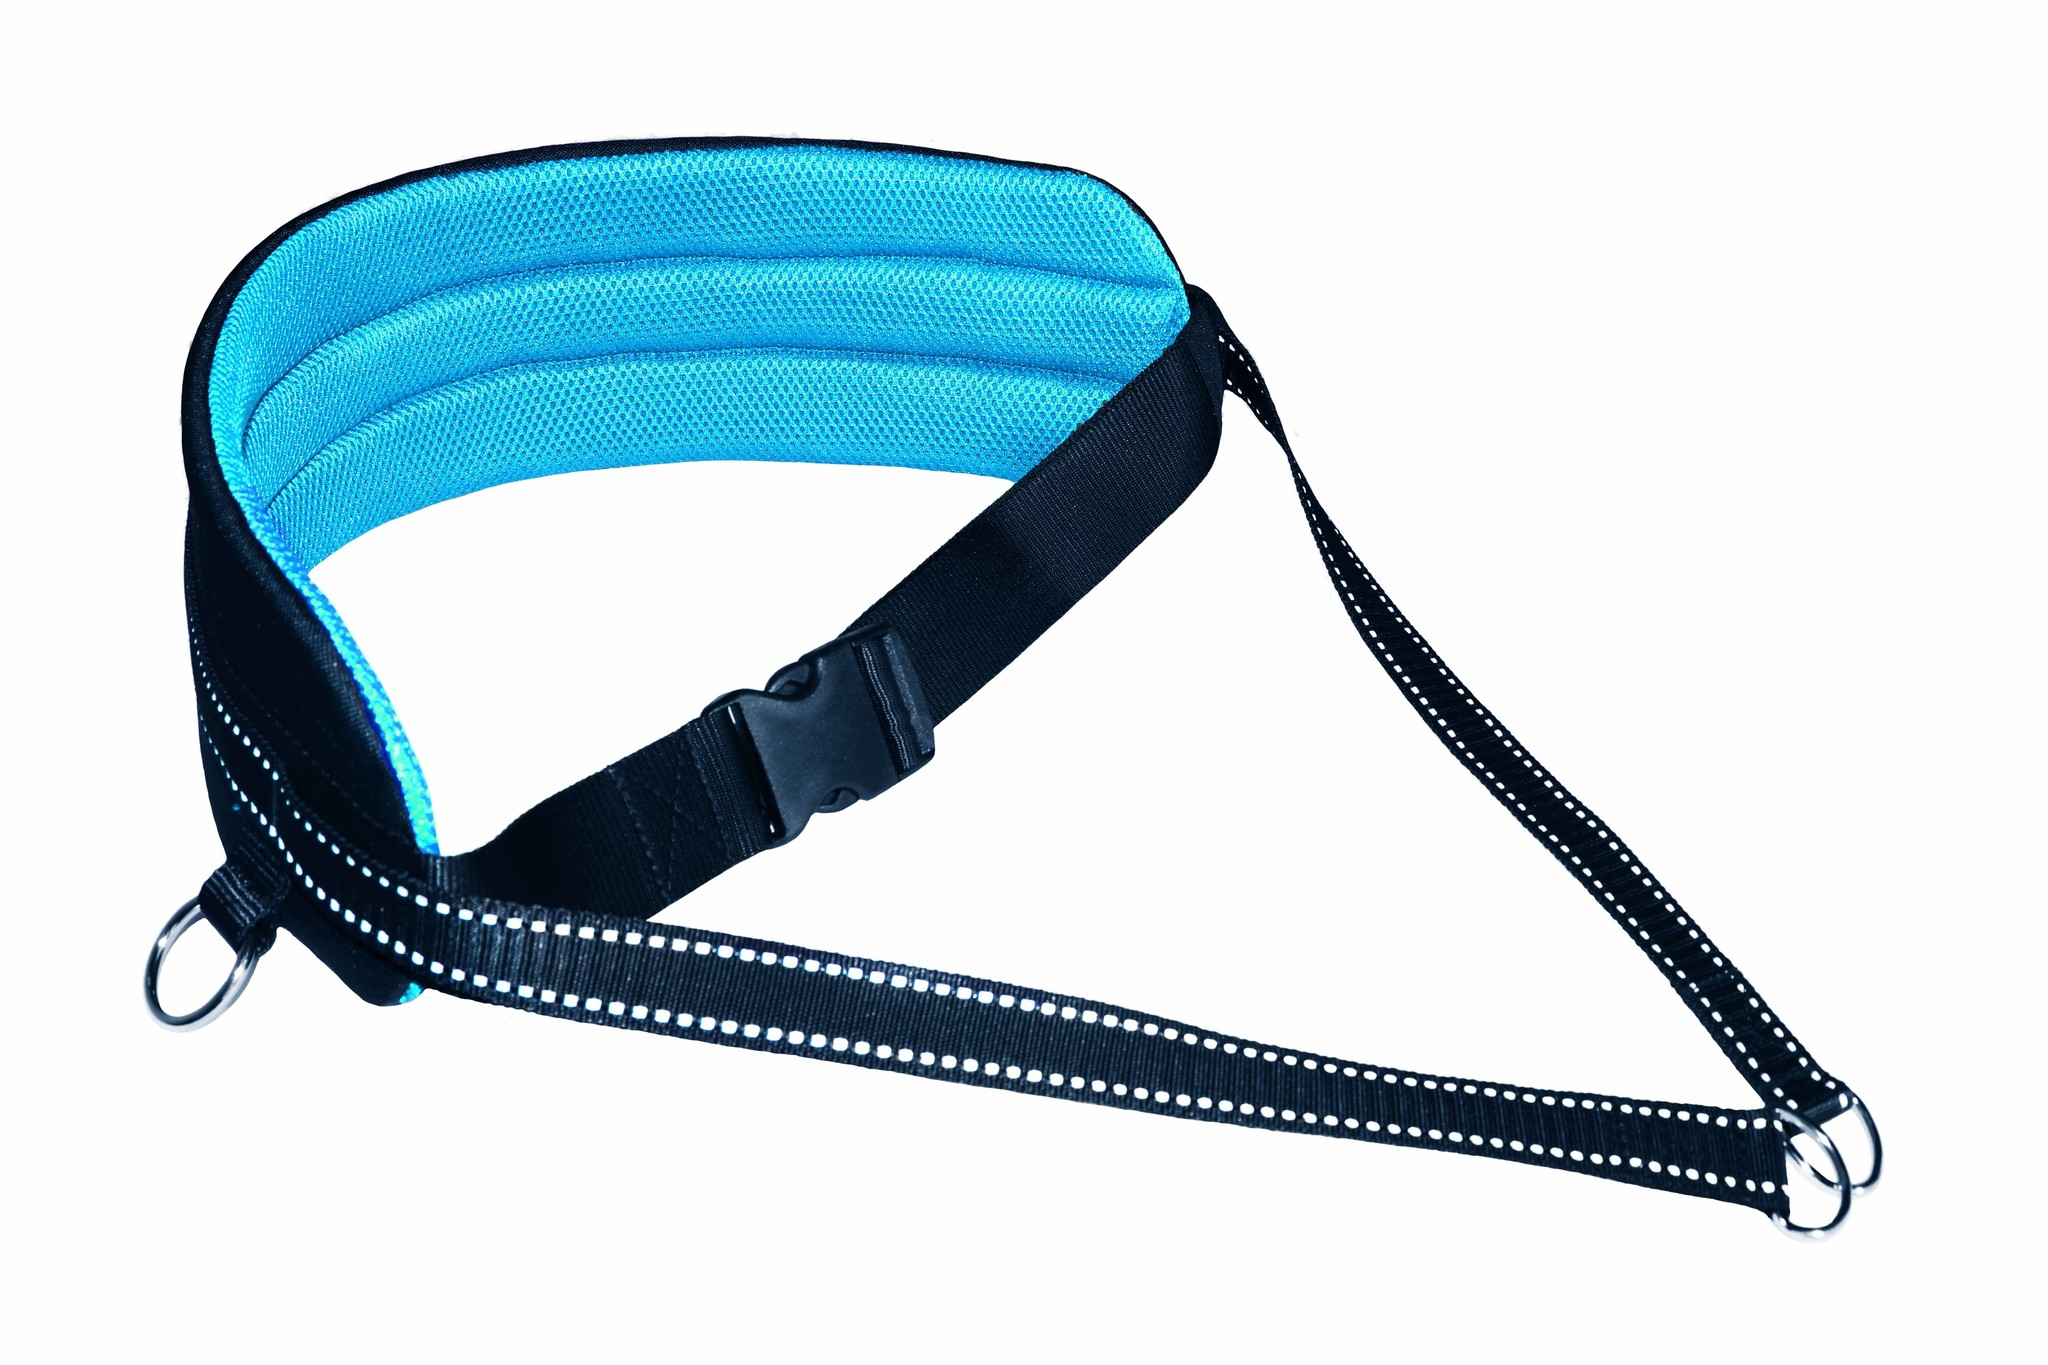 LasaLine Handsfree Dog Walking Running Jogging Waist Belt - light Blue Pedding/black - FBA